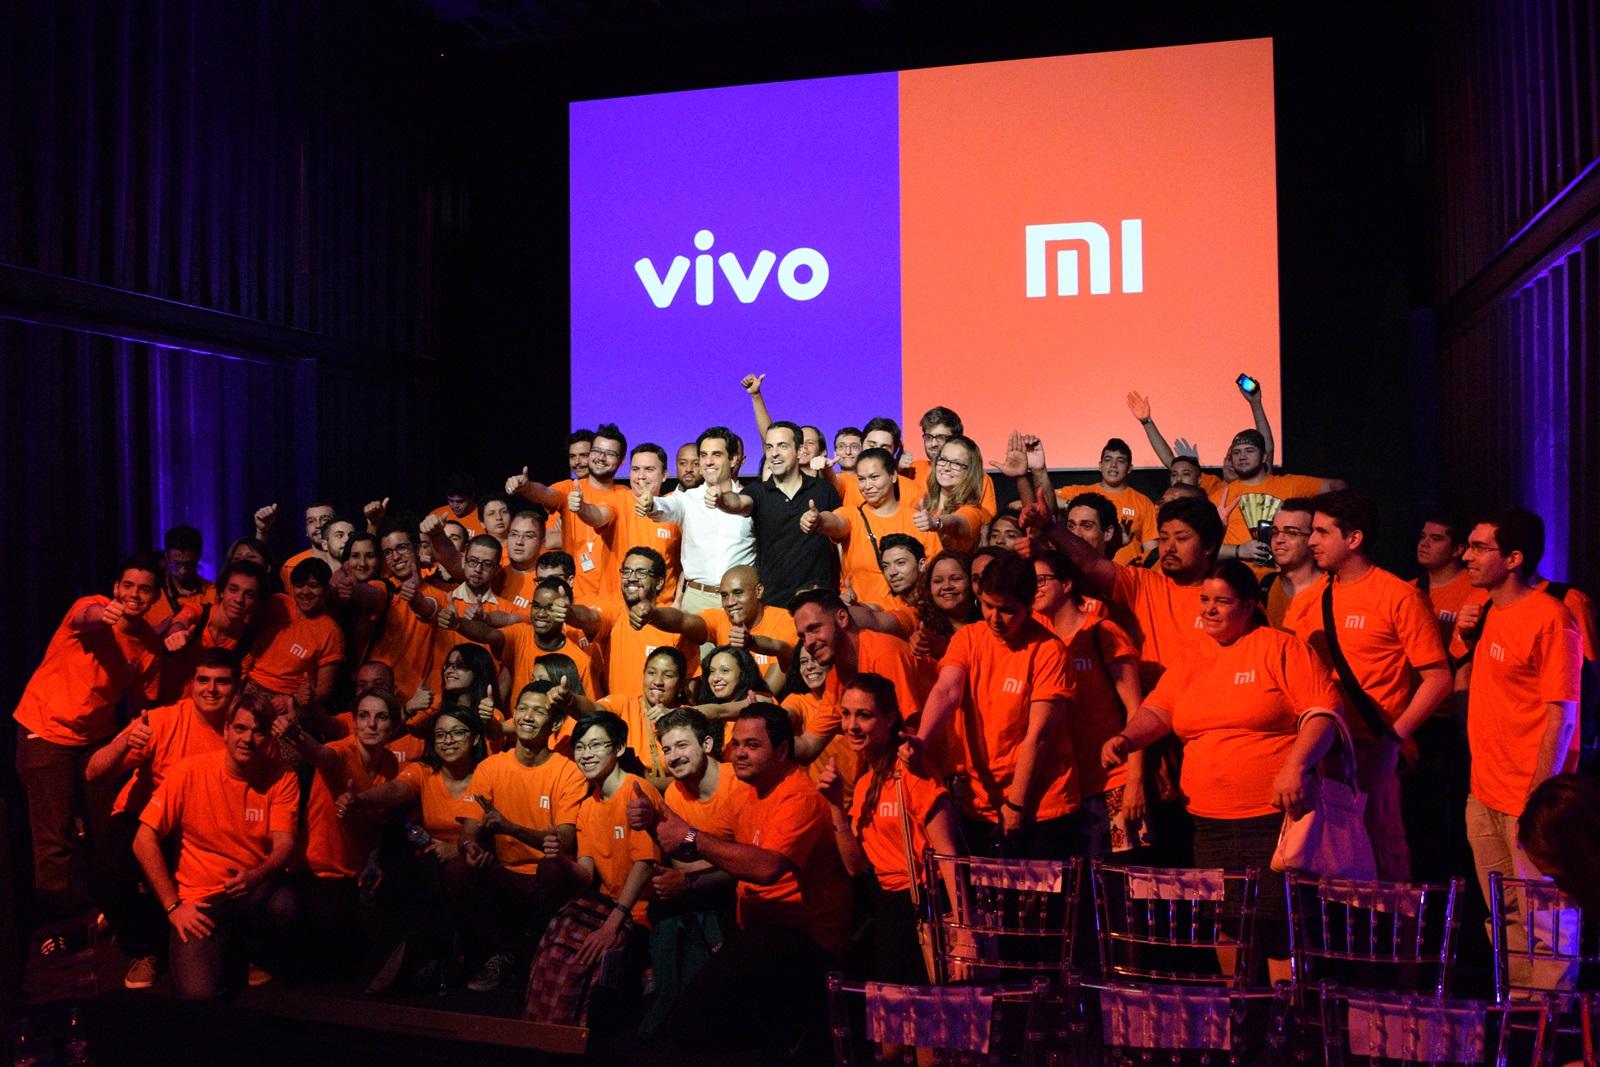 Imagem de Parceria entre Xiaomi e Vivo é oficializada em evento em São Paulo no tecmundo